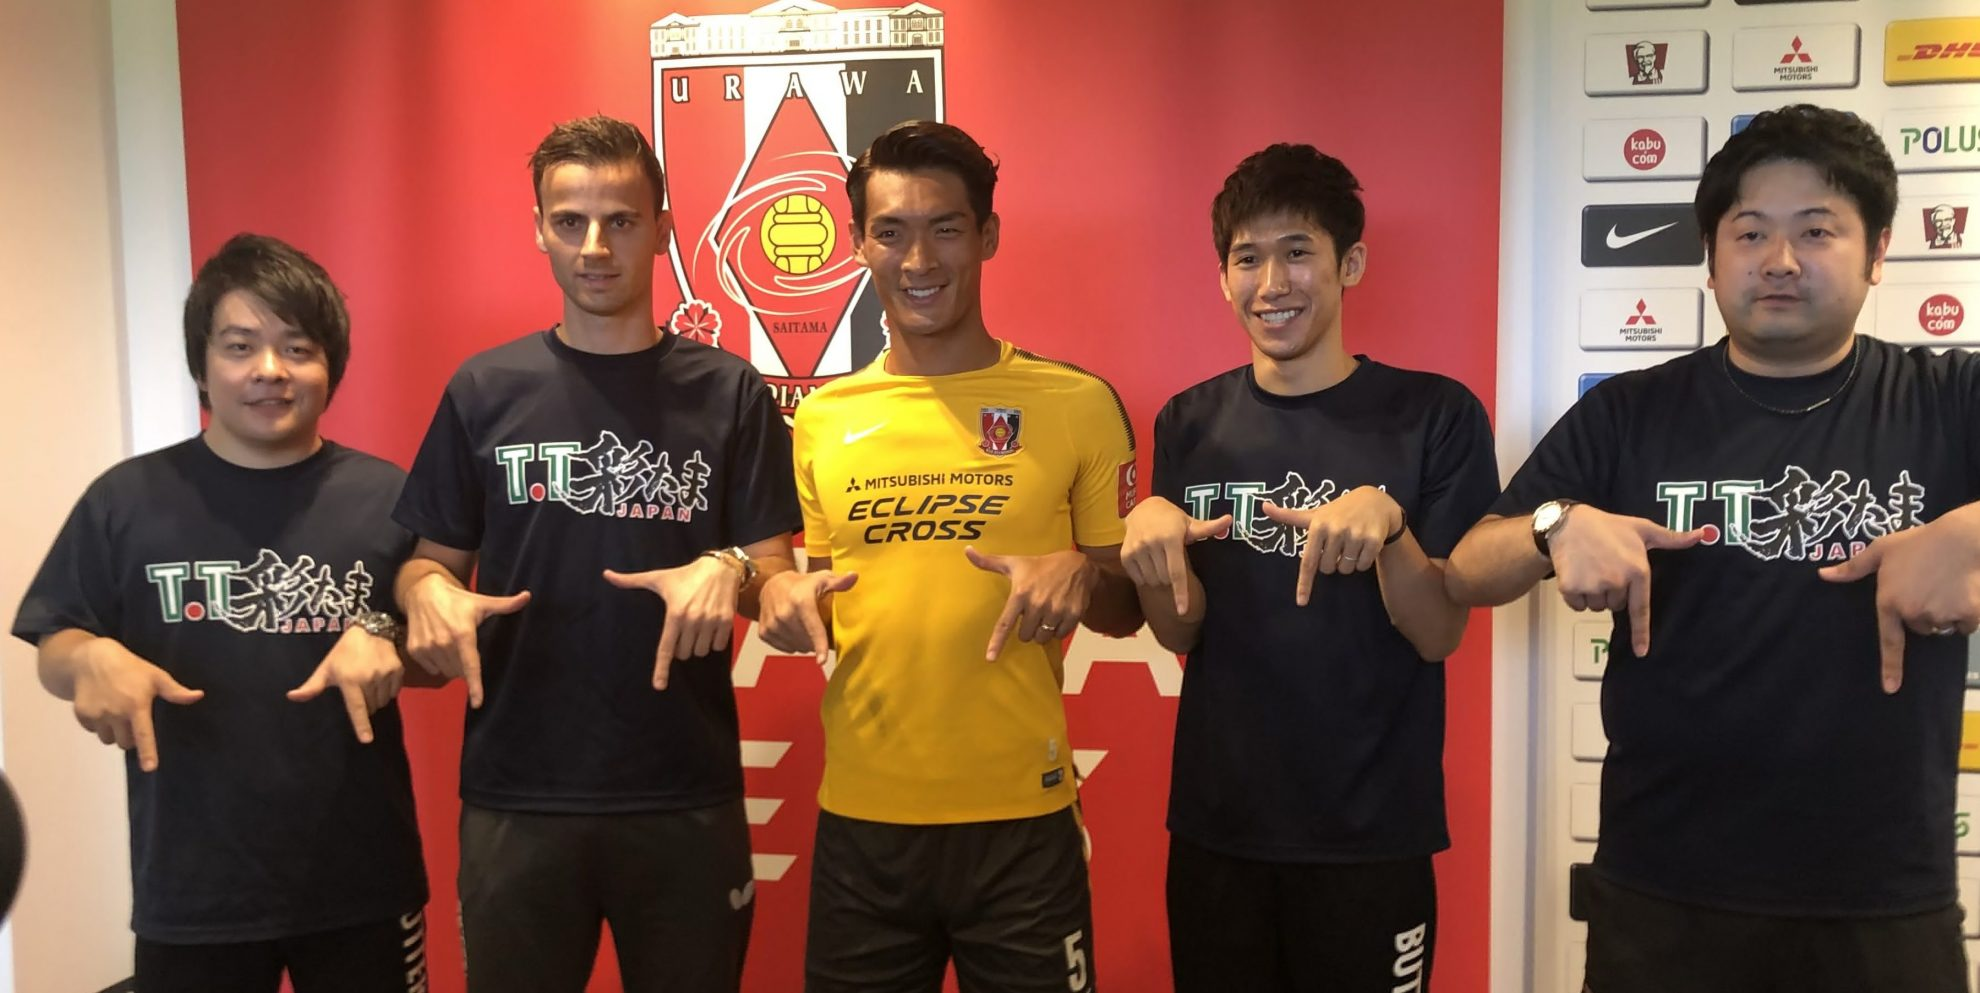 【卓球・Tリーグ】T.T彩たまが浦和レッズを訪問 サッカー日本代表・槙野が伝授したリーグの盛り上げ方とは